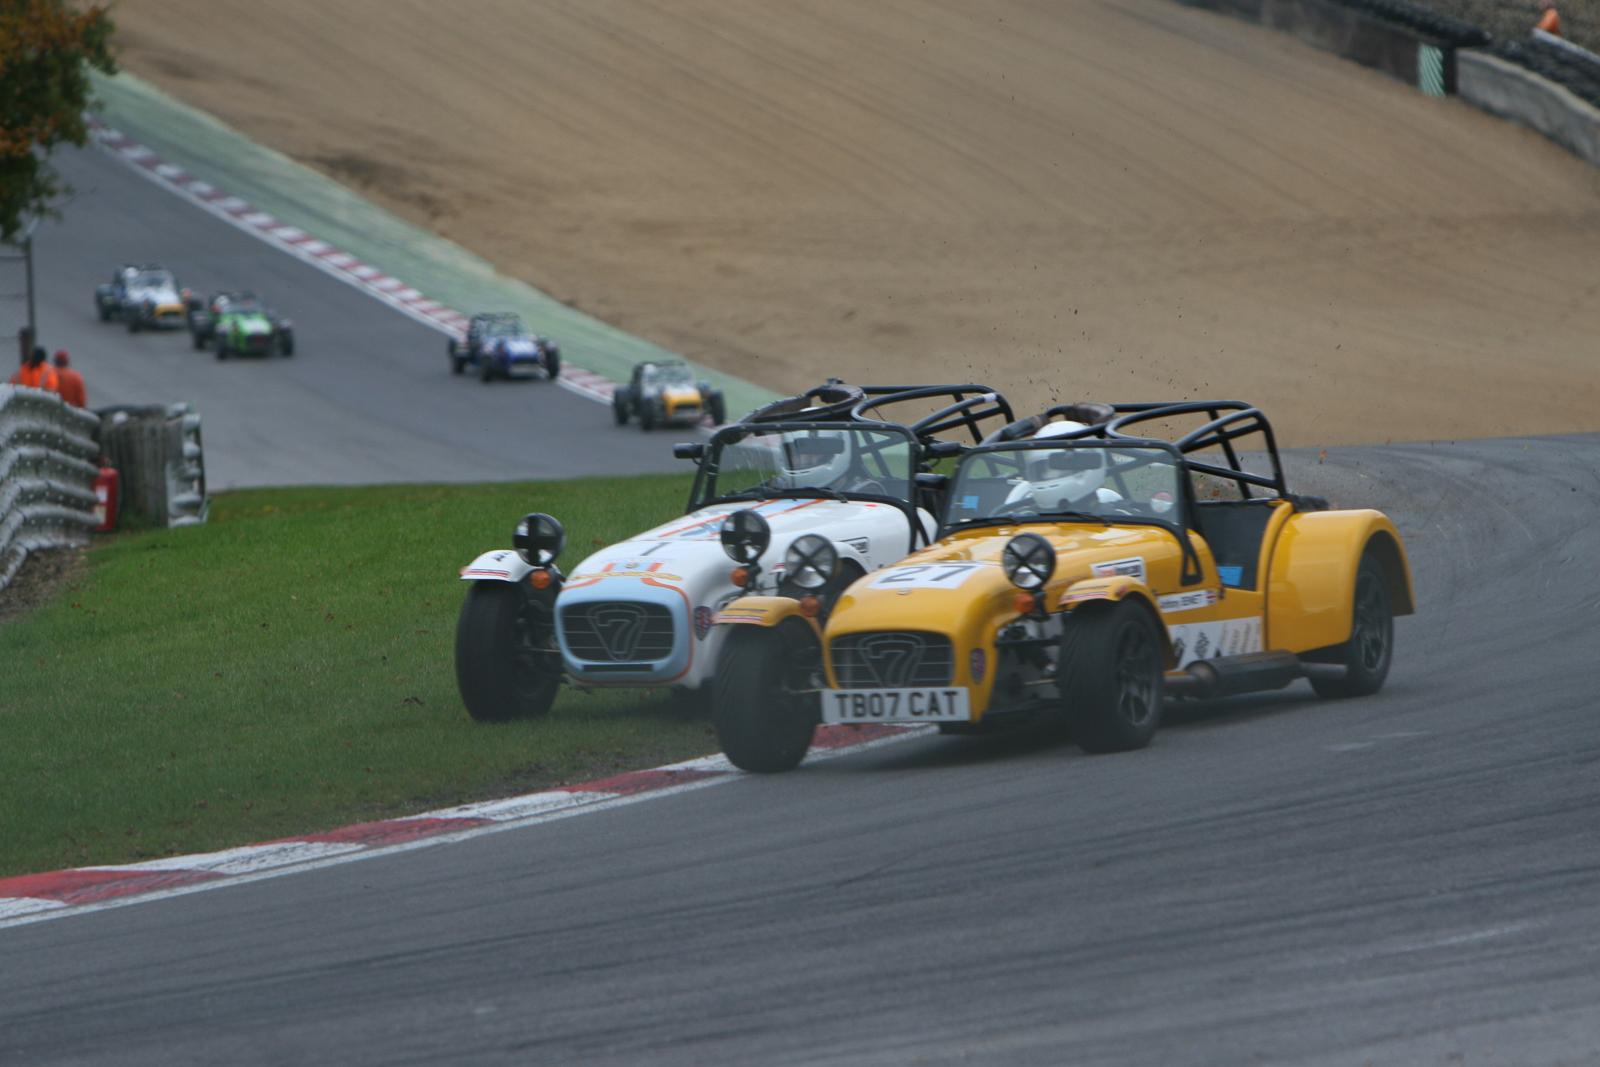 20071103 - Truck Racing Brands -071103 -045